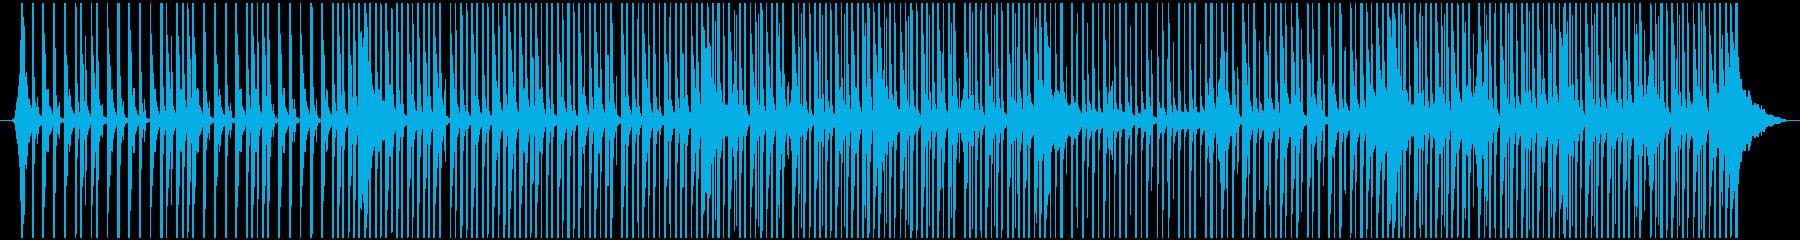 場を盛り上げるクラッブの再生済みの波形